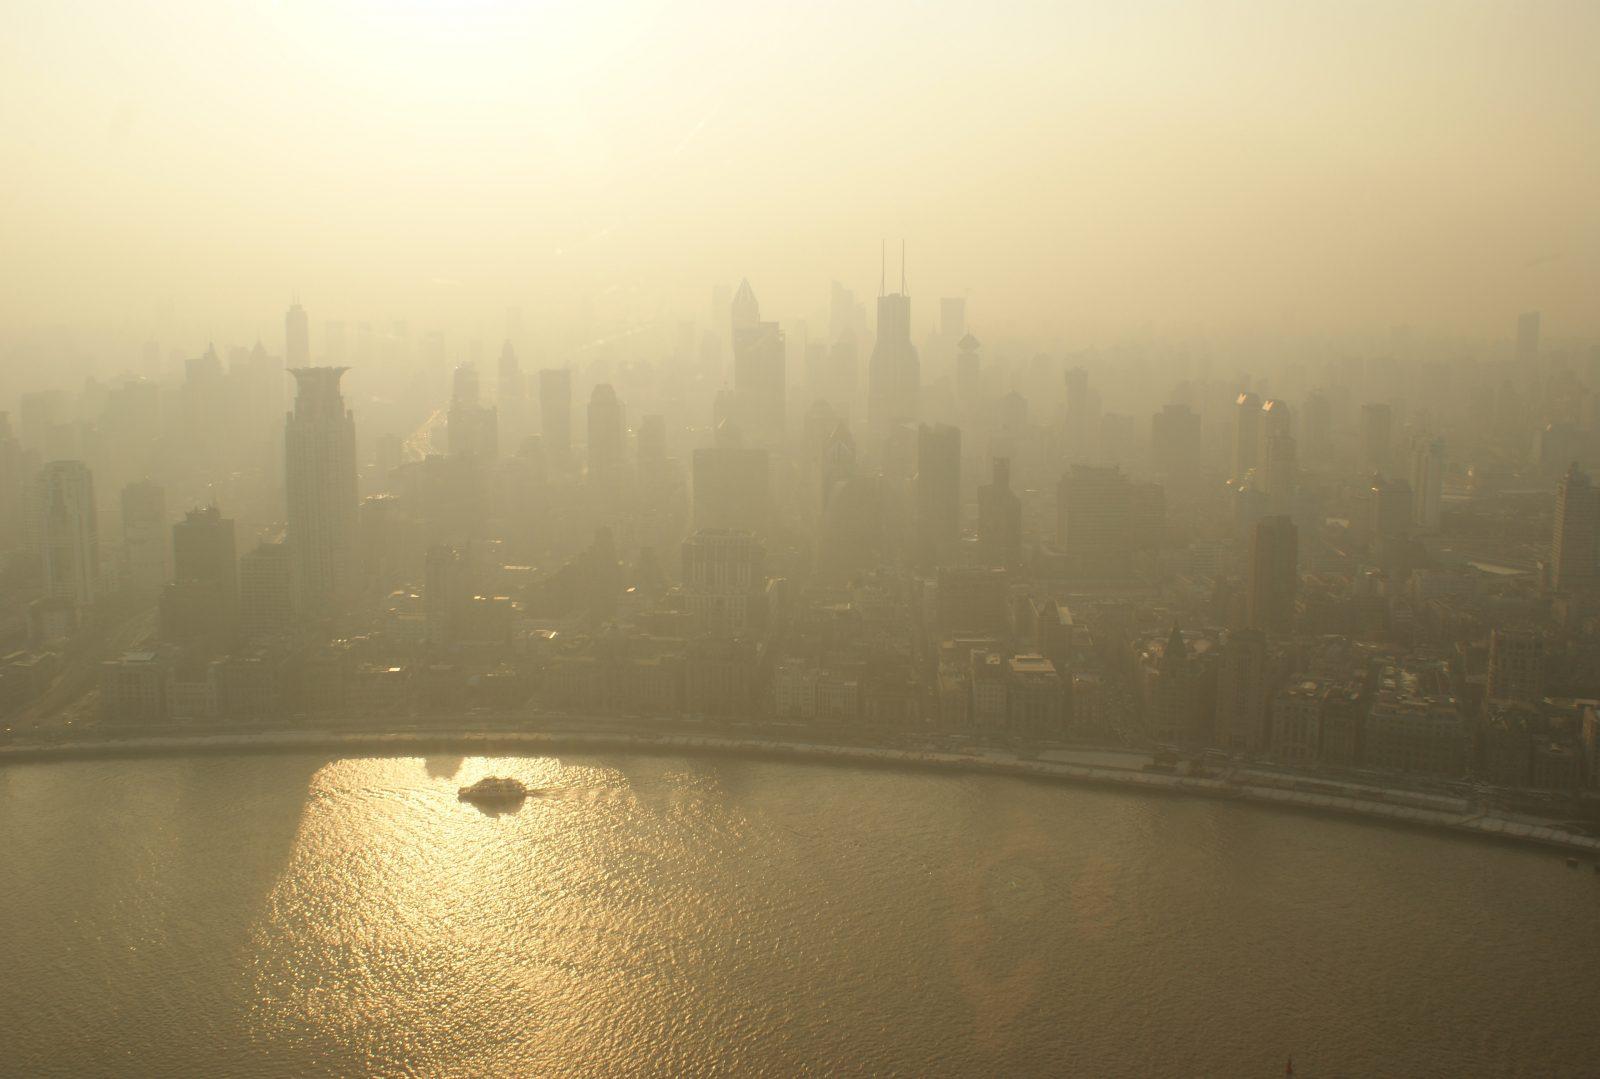 La pollution serait un facteur d'altération de la santé mentale